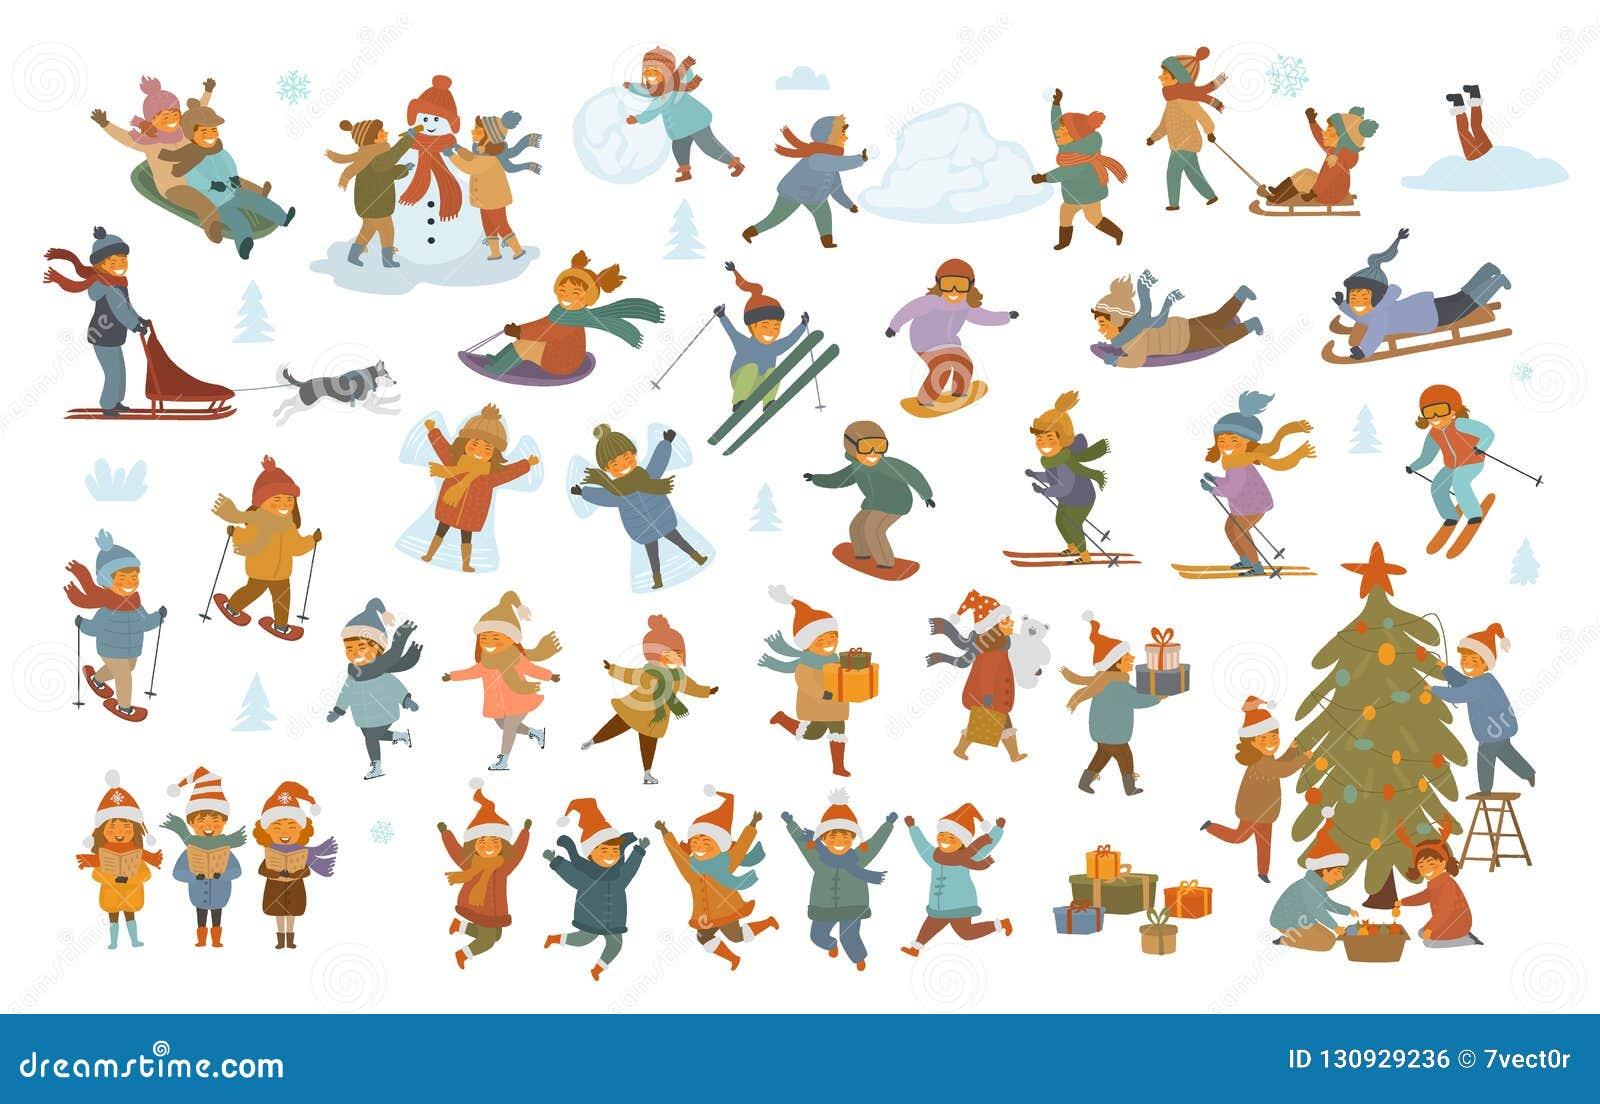 Дети активной зимы и веселого рождества, мальчик и девушки делая ангела снега снеговика, игры, sledding, катания на коньках, ката